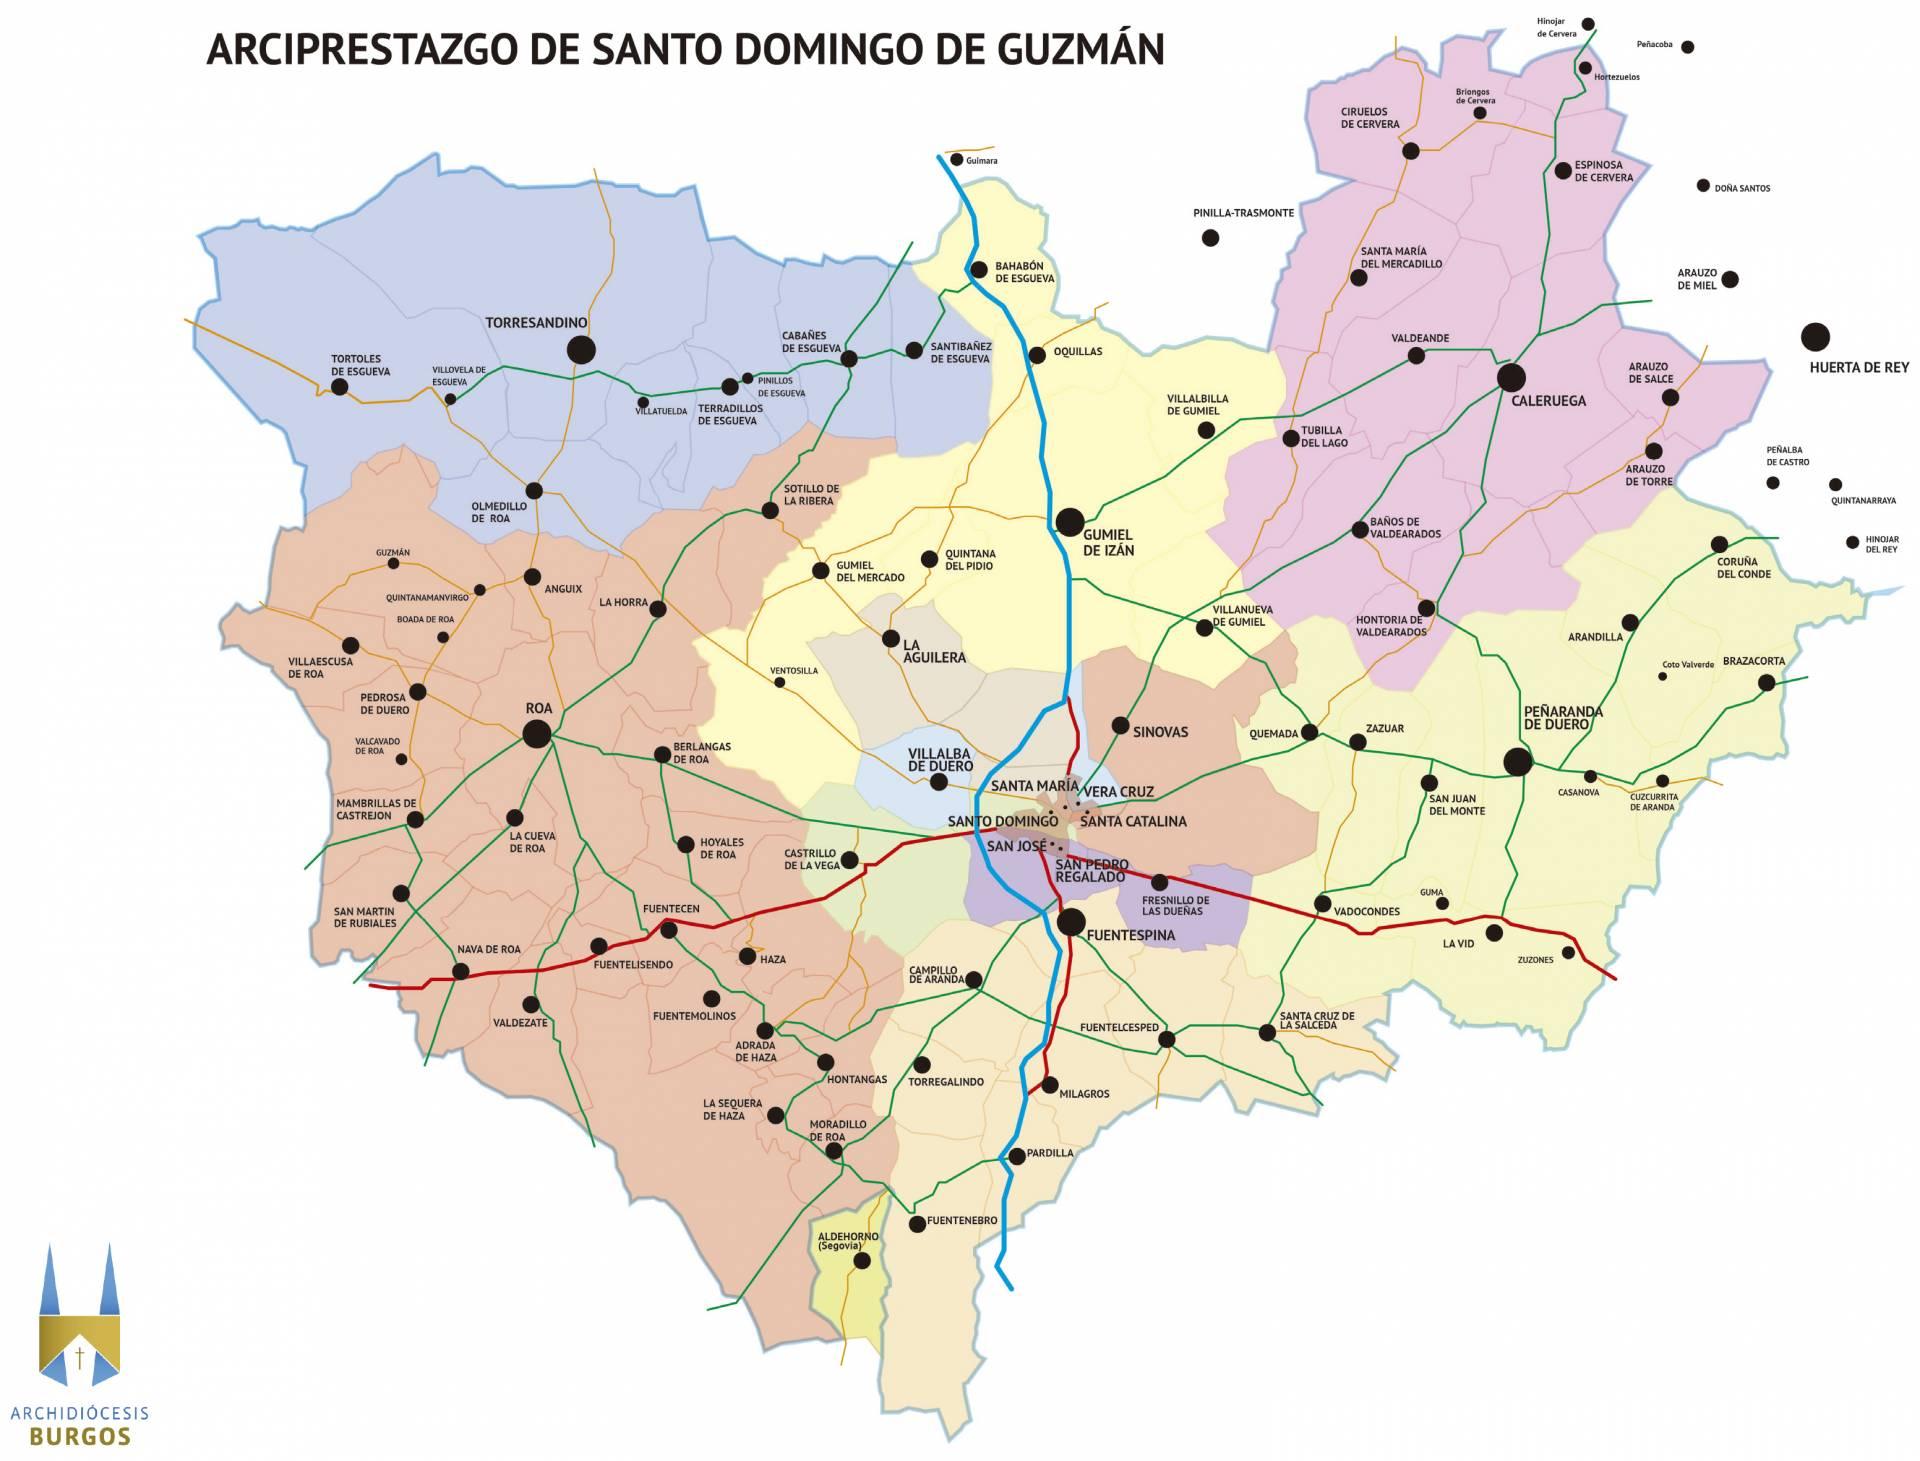 Configuración del nuevo arciprestazgo de Santo Domingo de Guzmán.